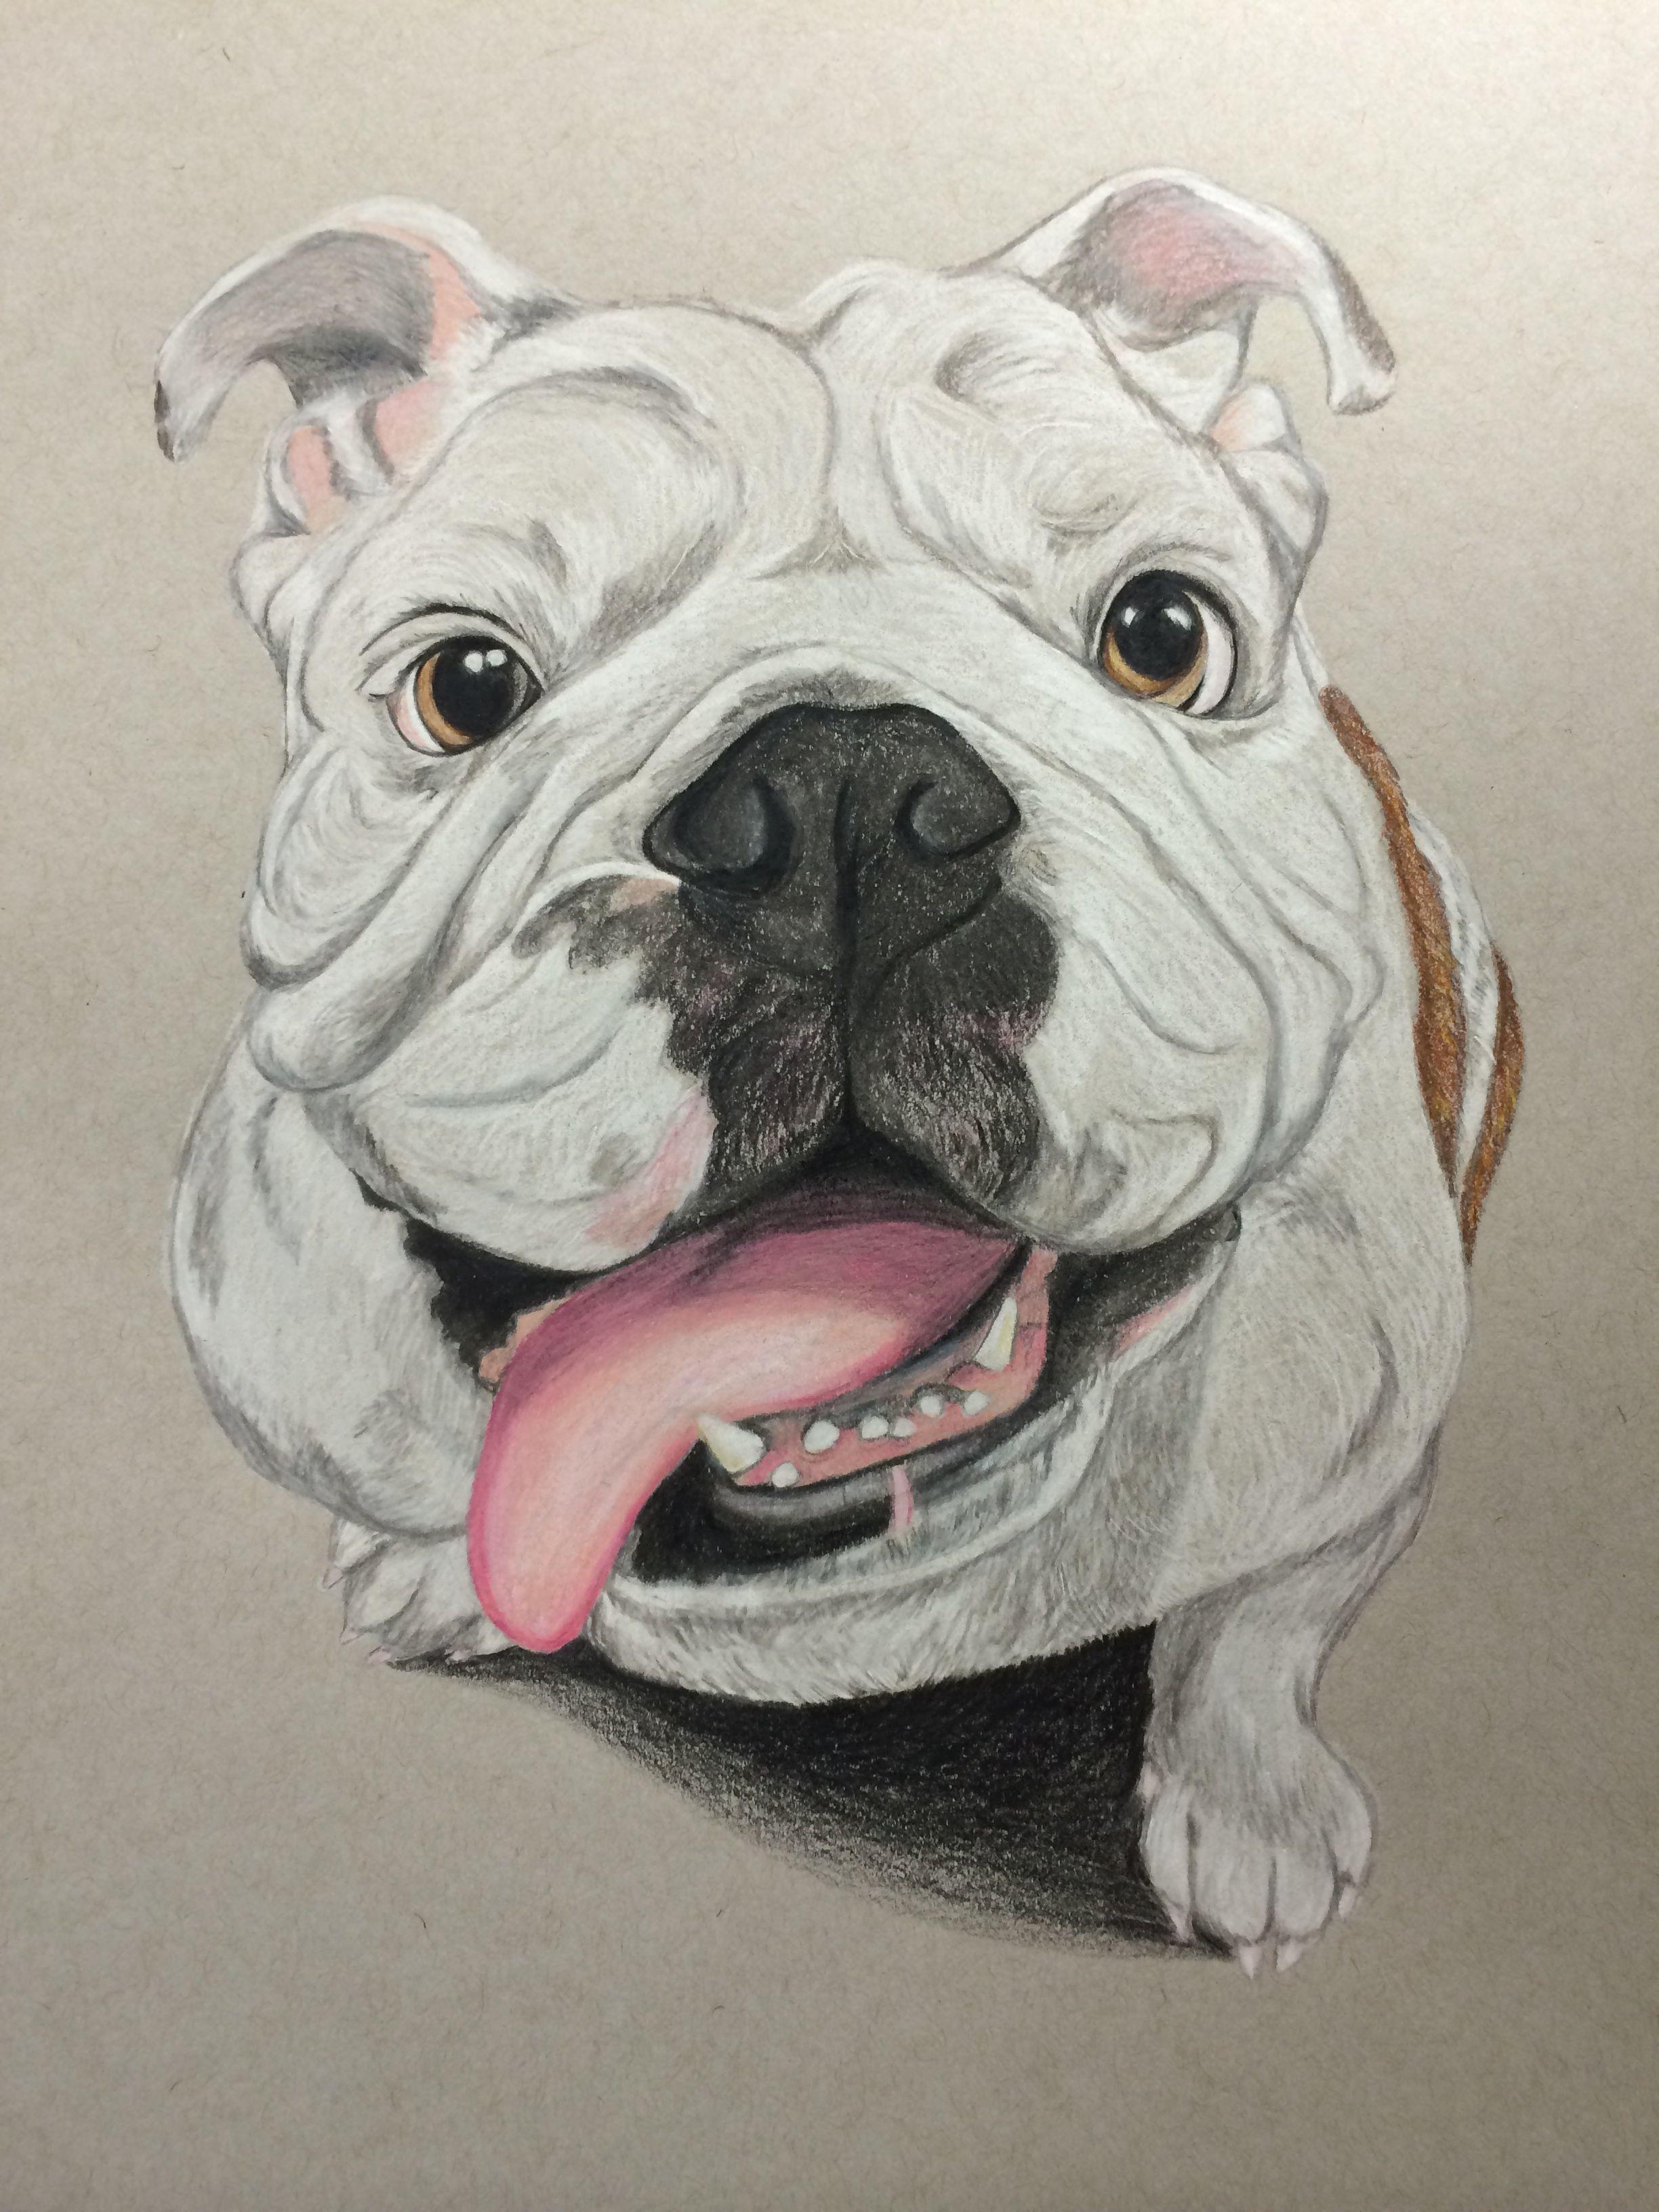 2448x3264 Bulldog